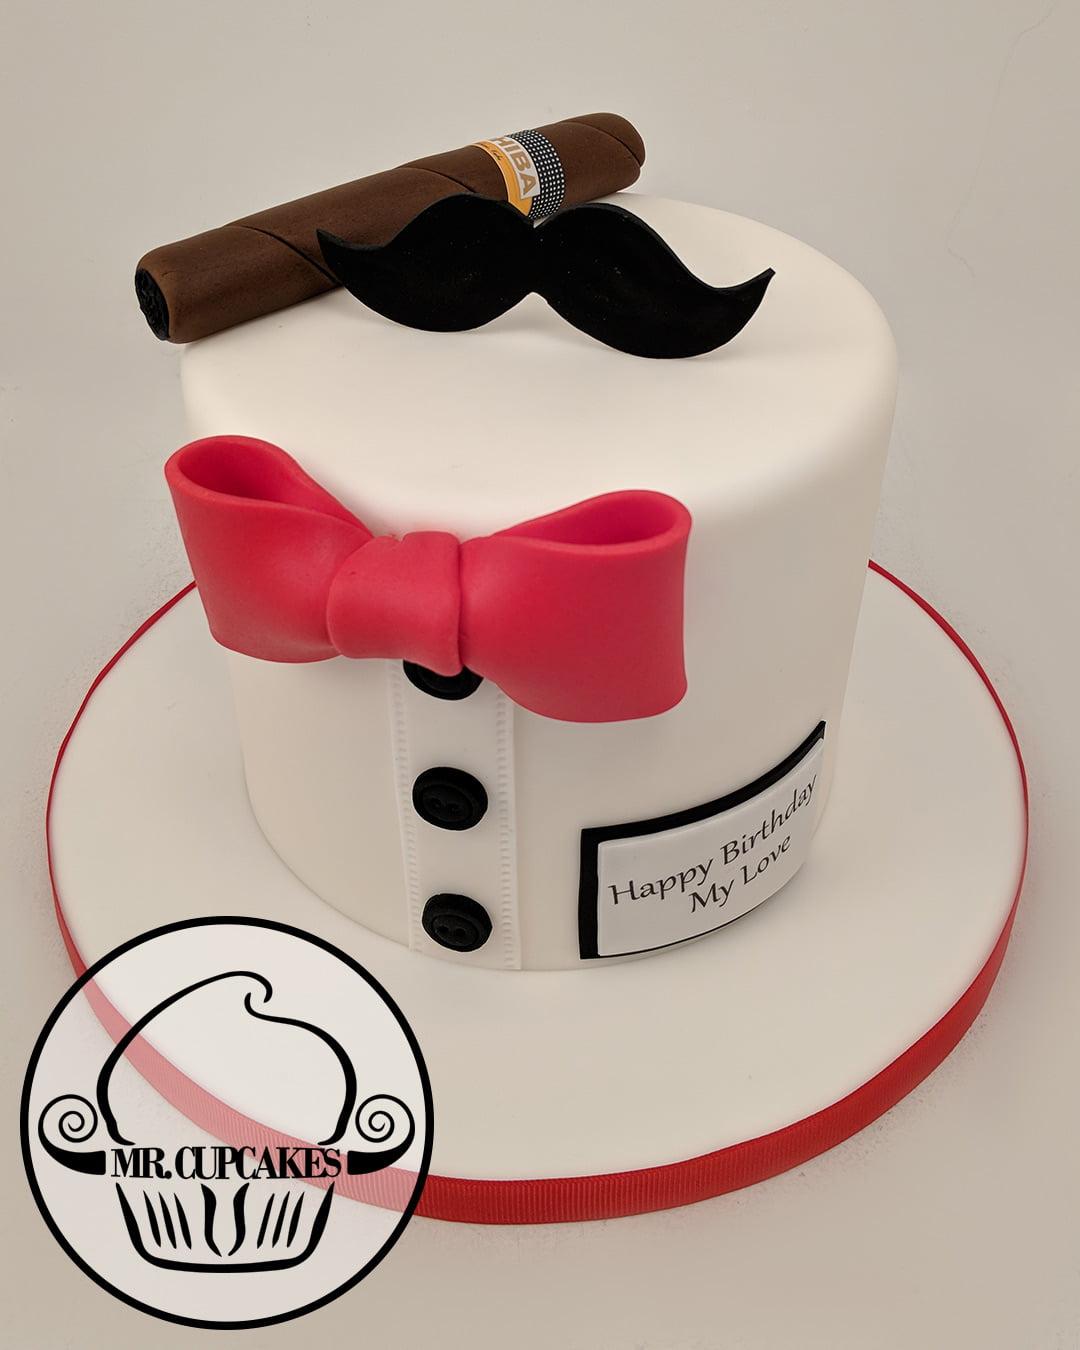 Mr. Mustache cake